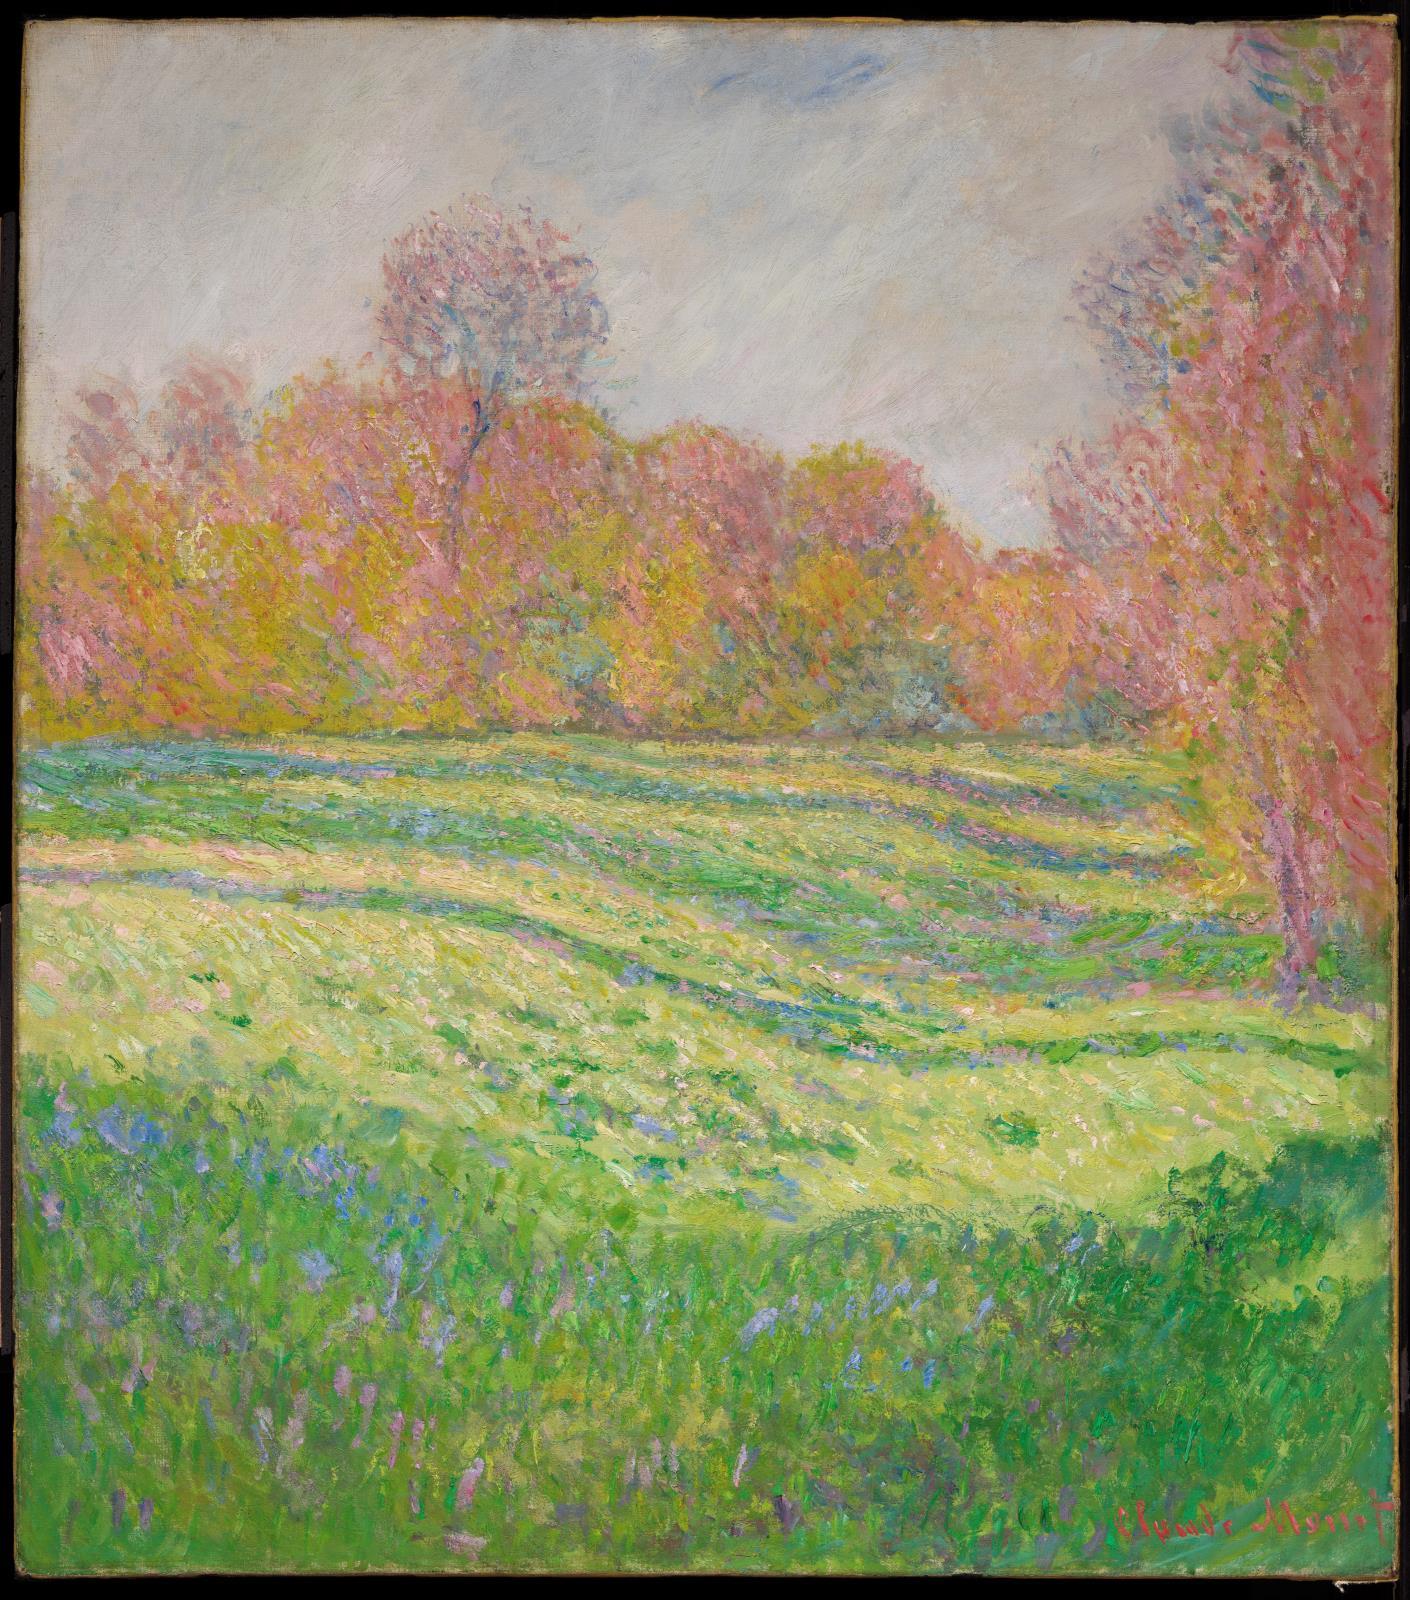 Archivo:Monet - Meadow at Giverny, 1886.jpg - Wikipedia, la enciclopedia  libre